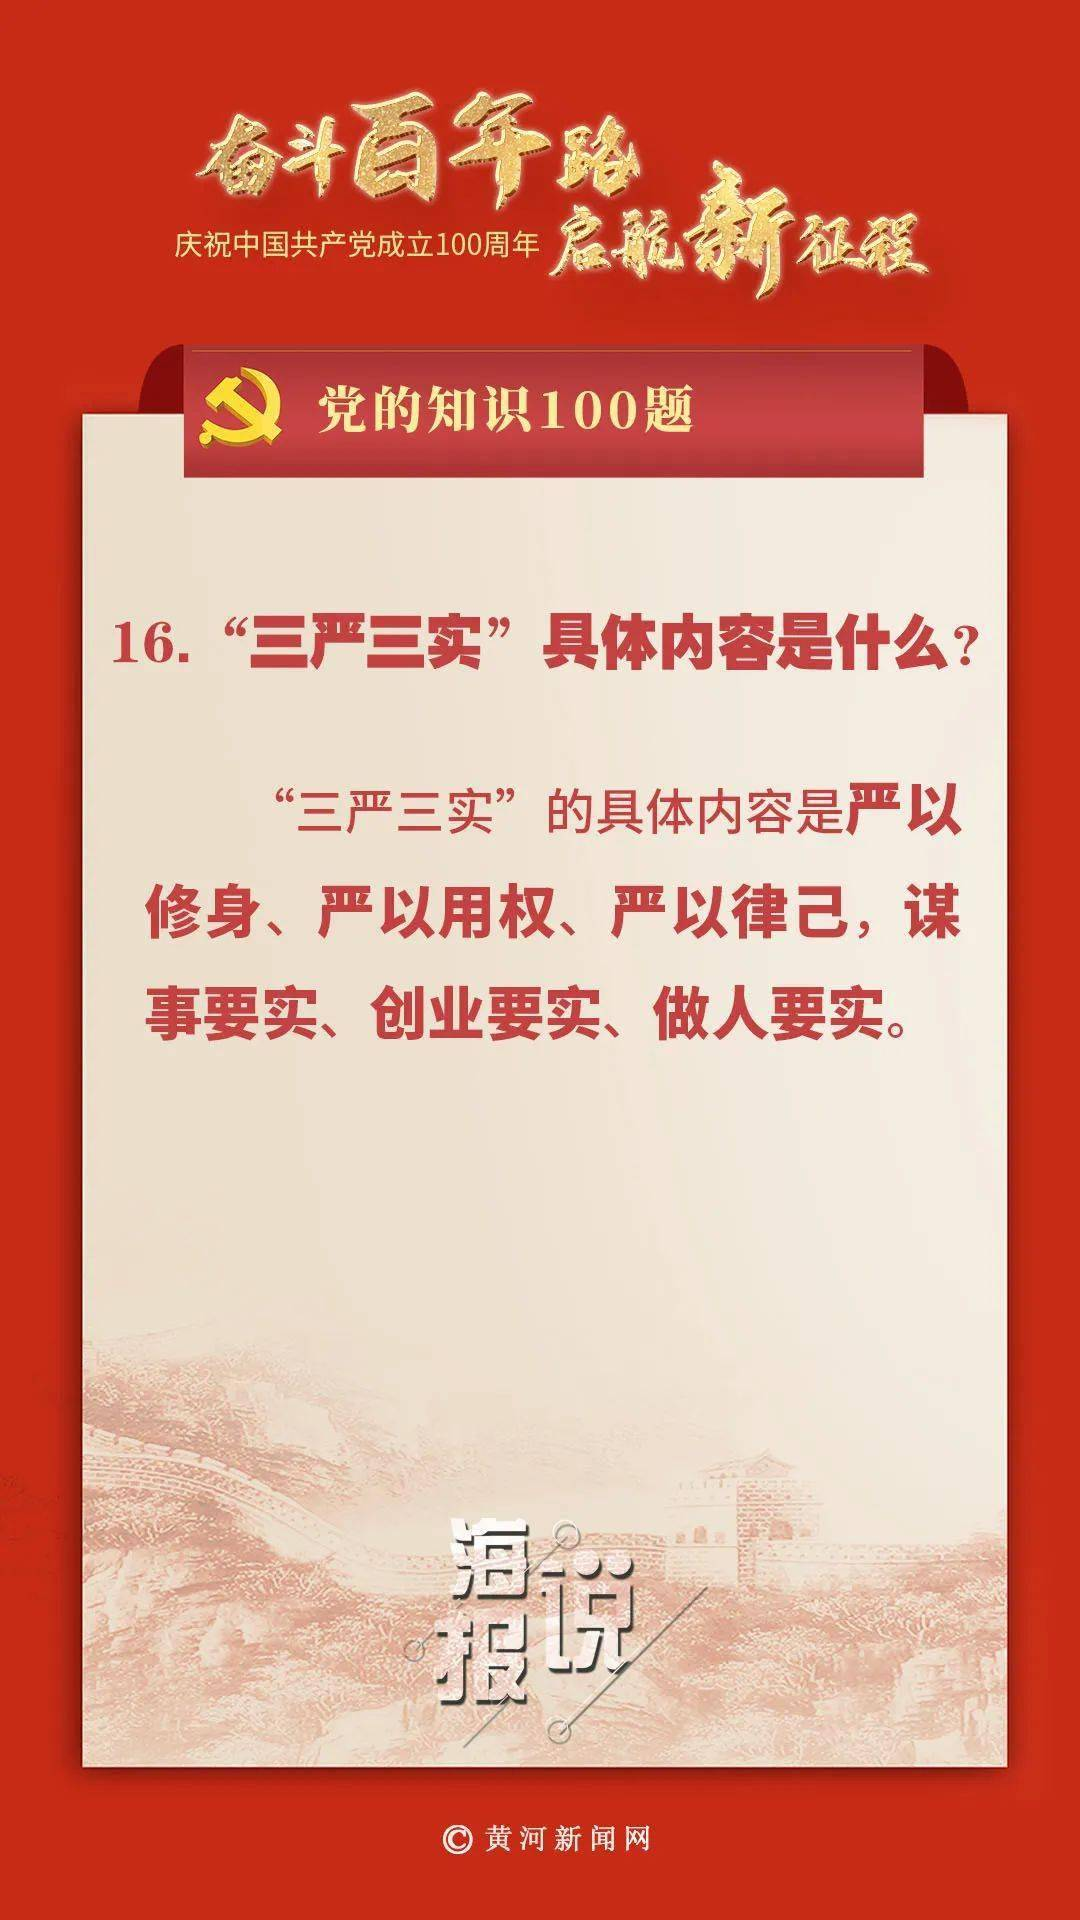 """党的知识100题:""""三严三实""""具体内容是什么?"""